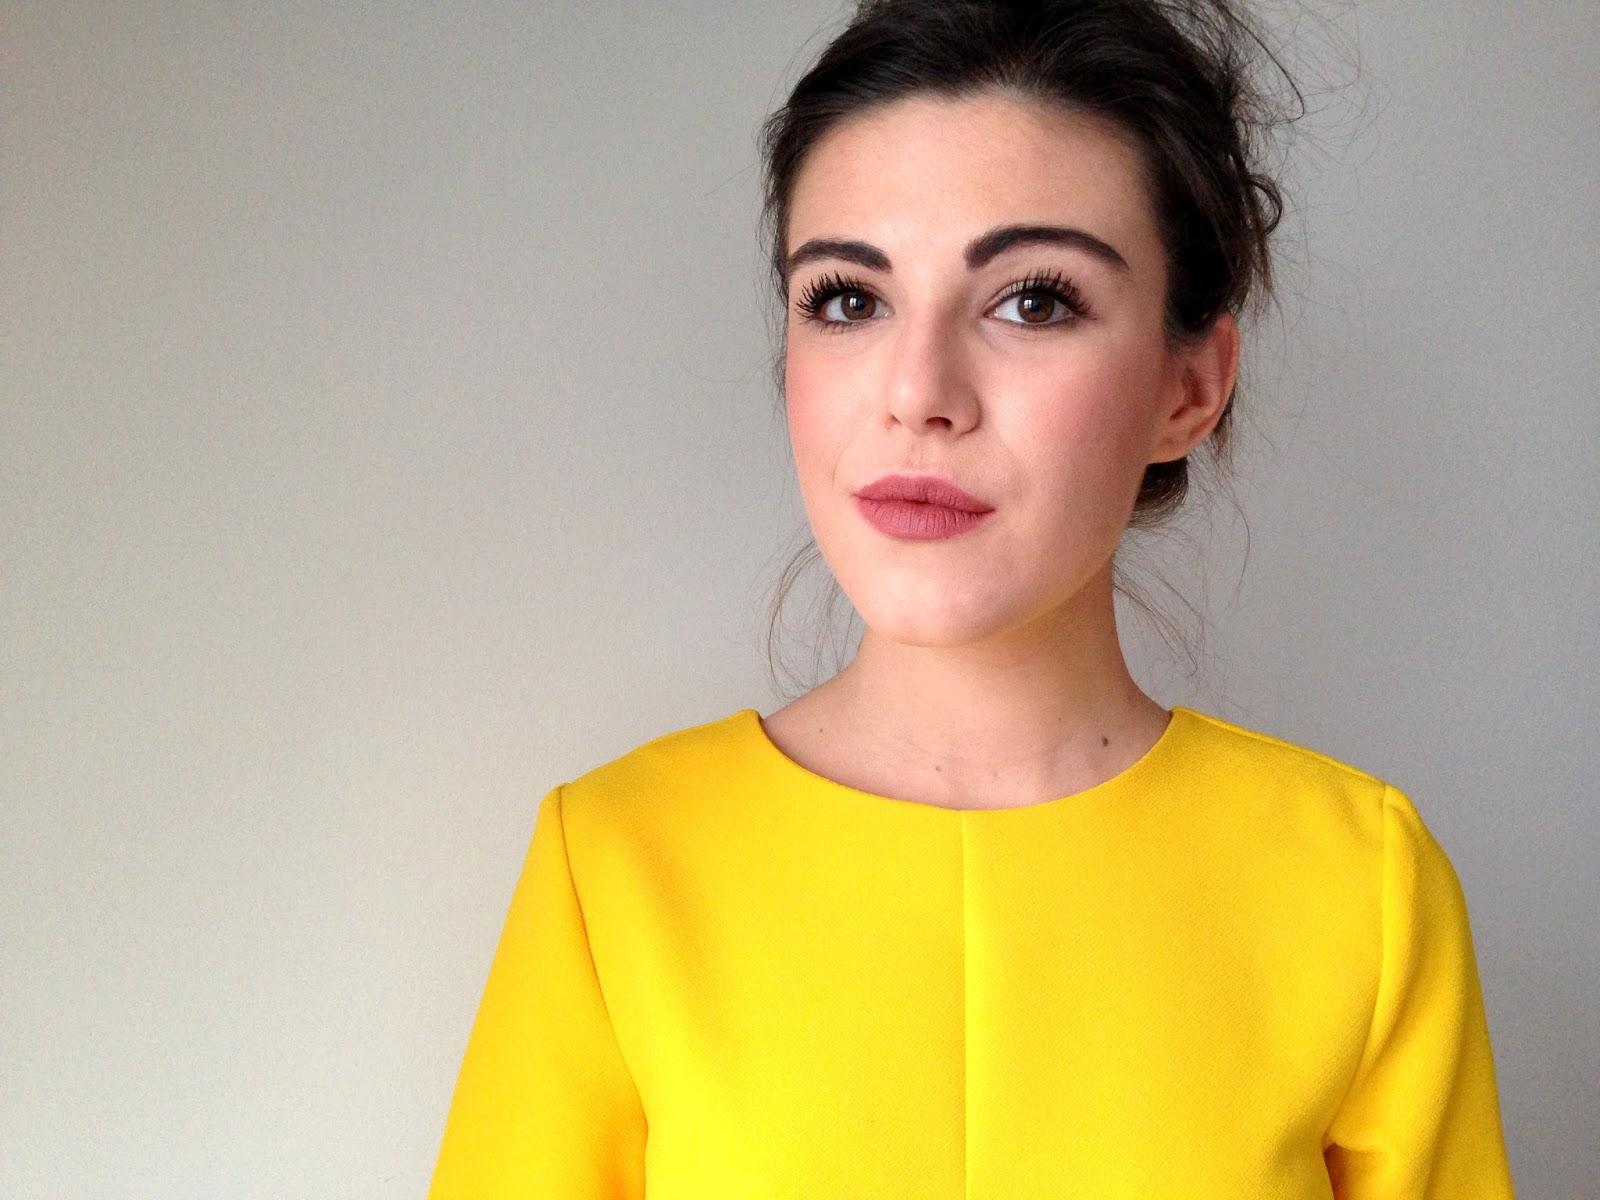 quel maquillage adopter avec une robe jaune - Quelle Couleur Va Avec Le Jaune